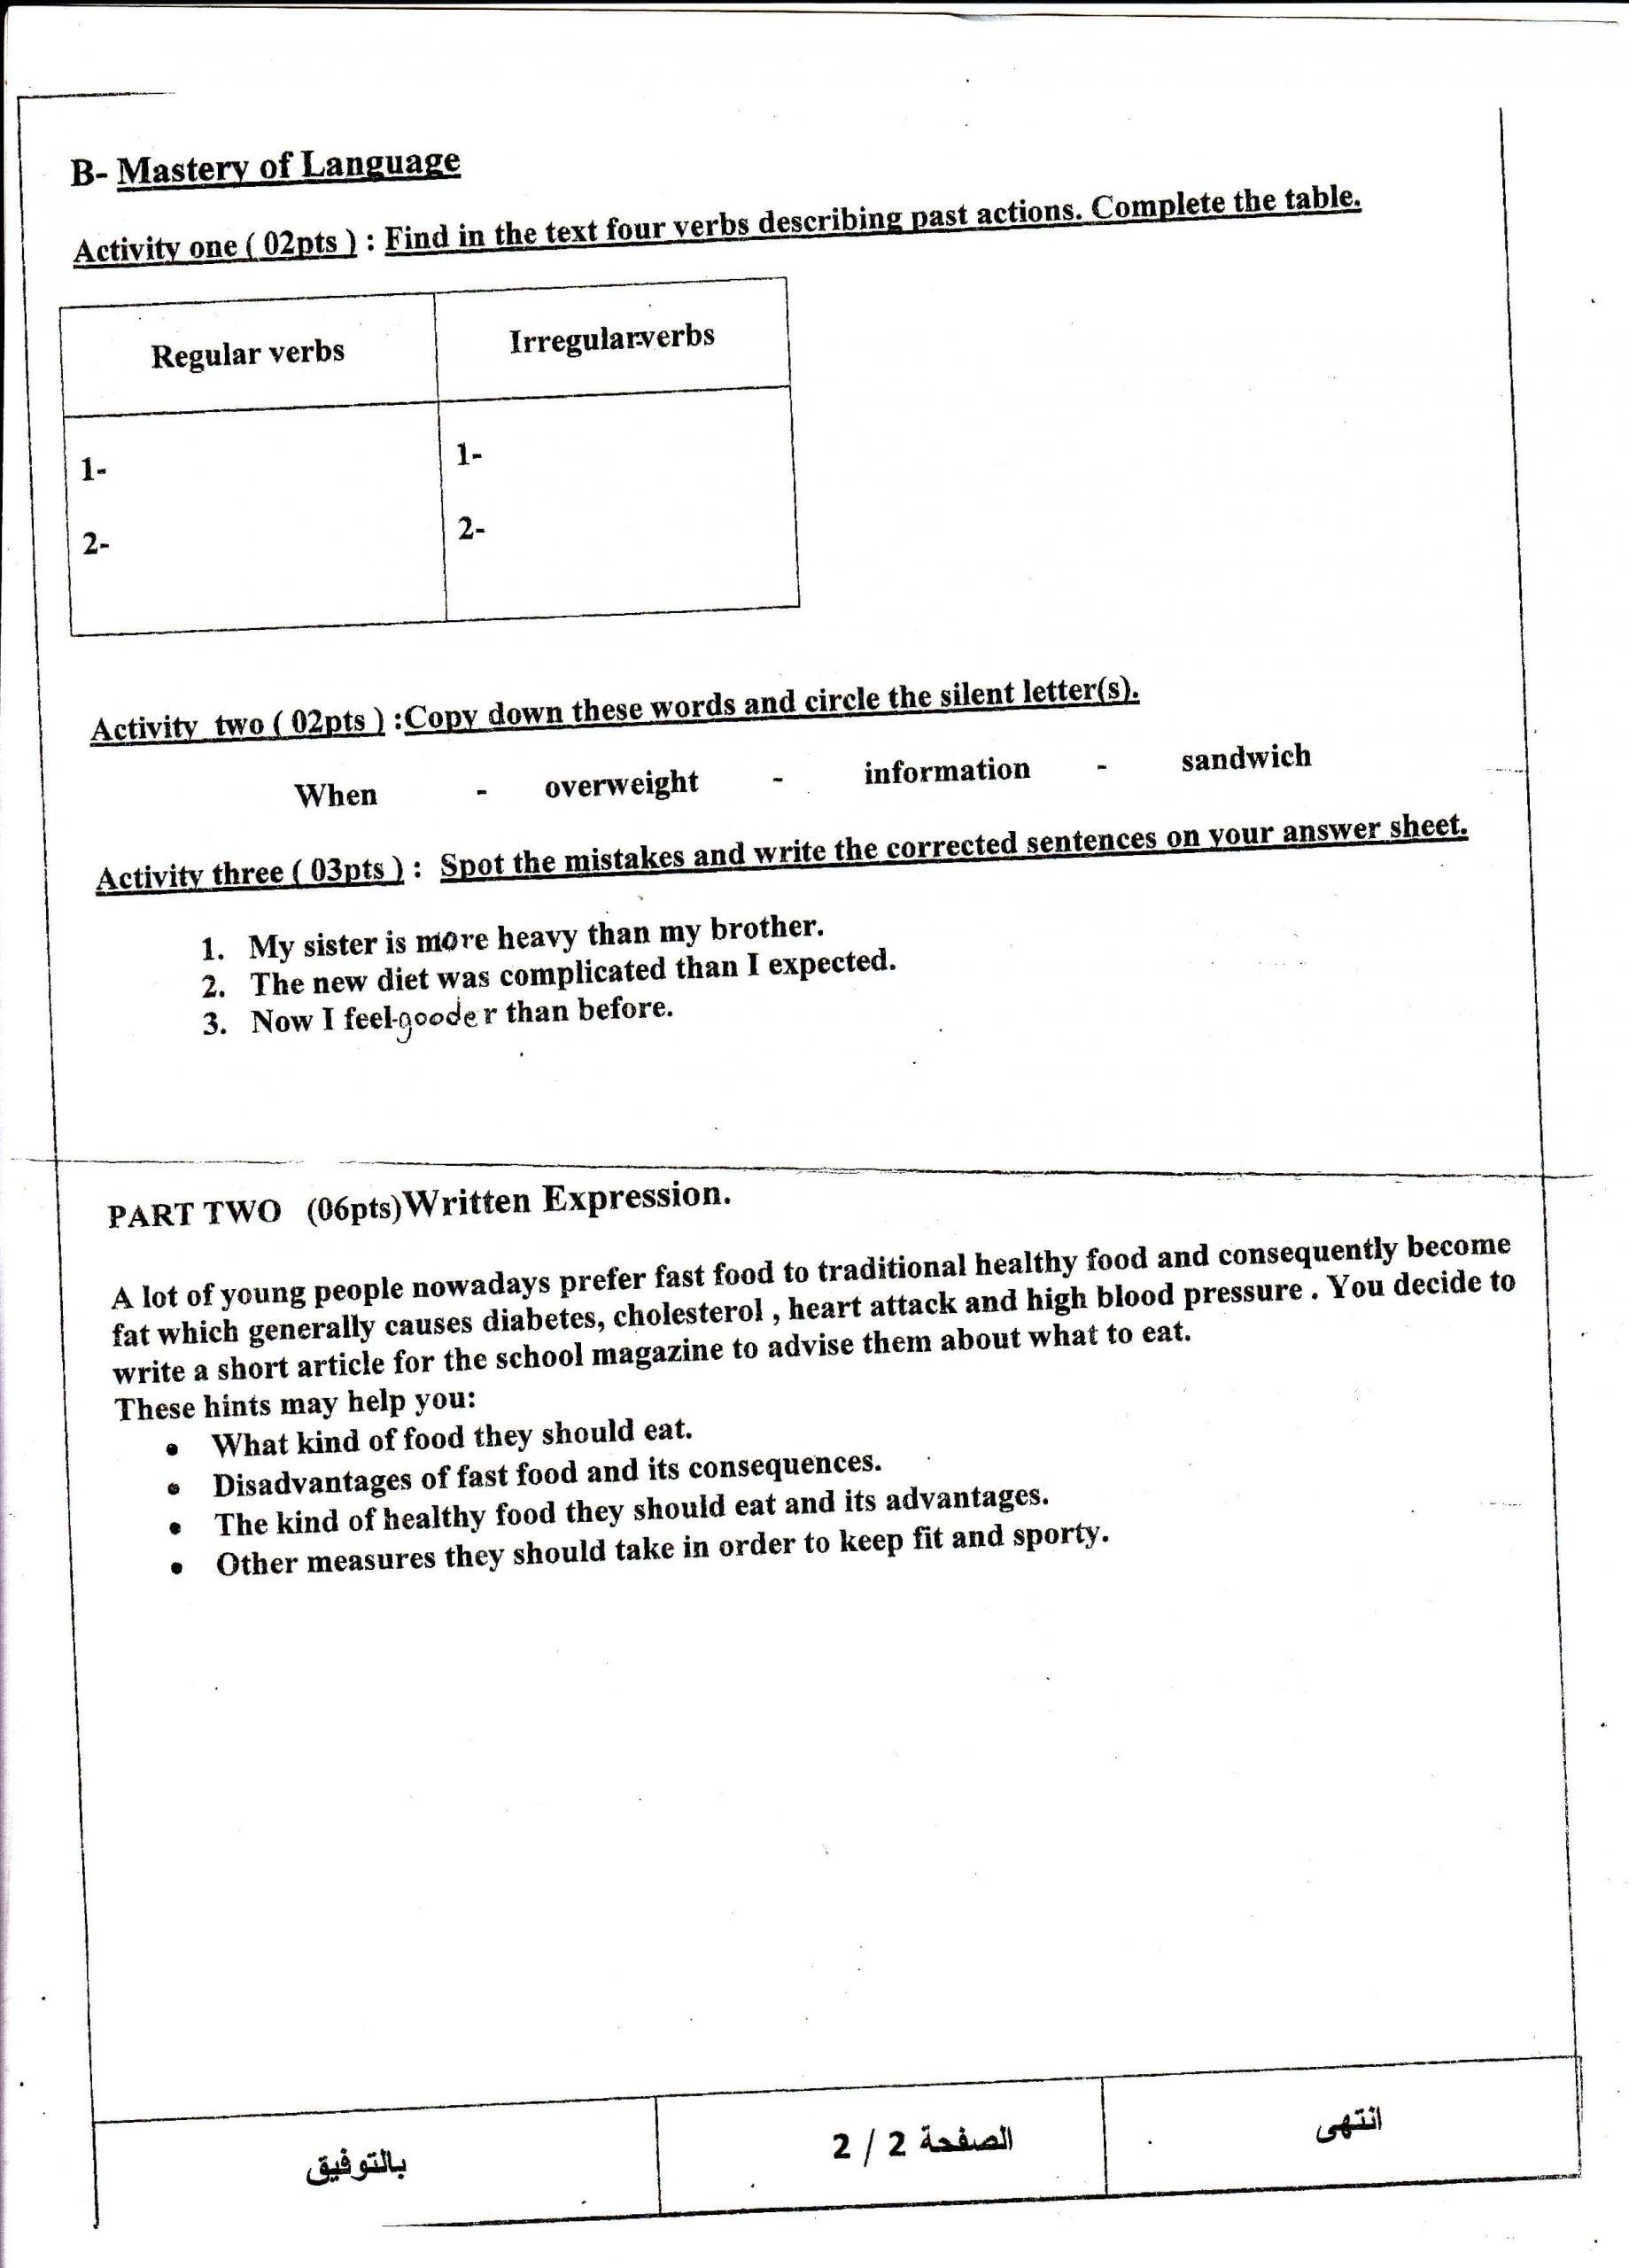 اختبار الفصل الأول في اللغة الانجليزية السنة الرابعة متوسط   الموضوع 03